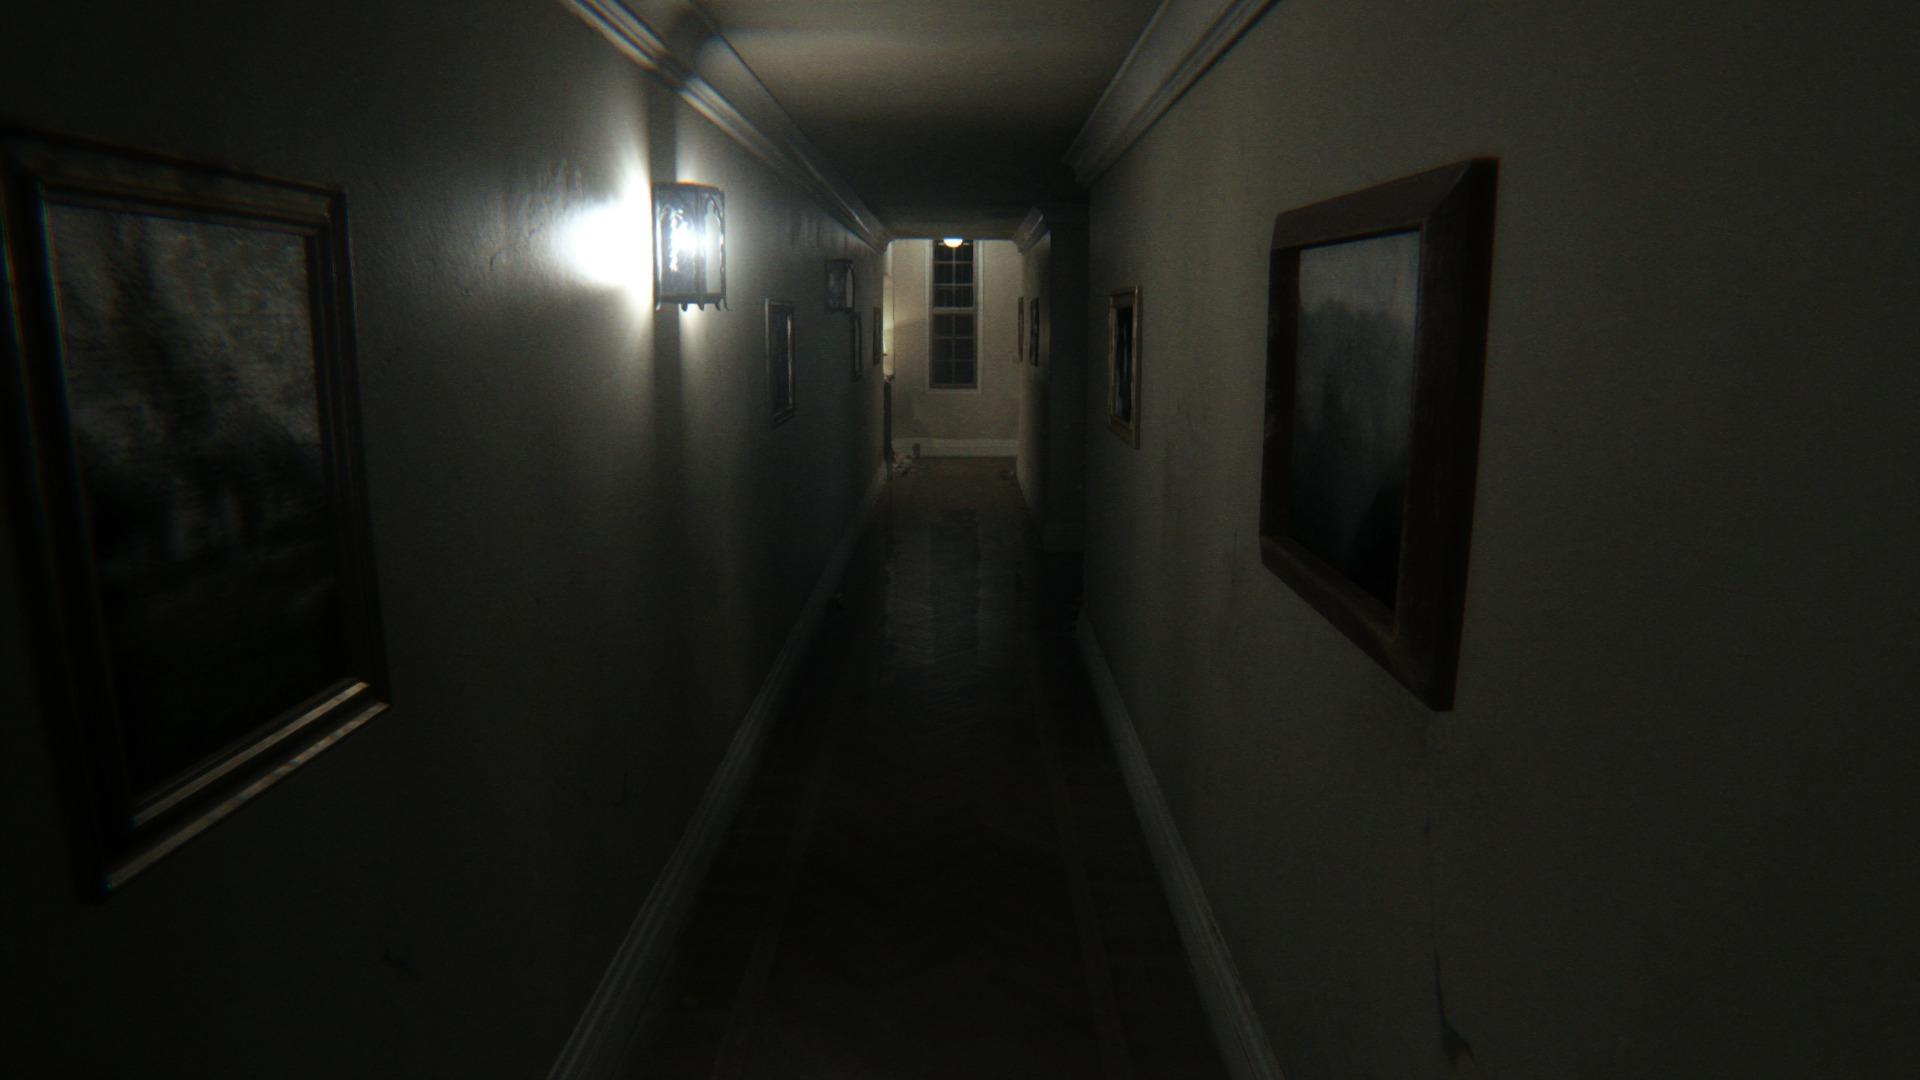 Este siniestro pasillo ya forma parte de la historia de los videojuegos de terror.